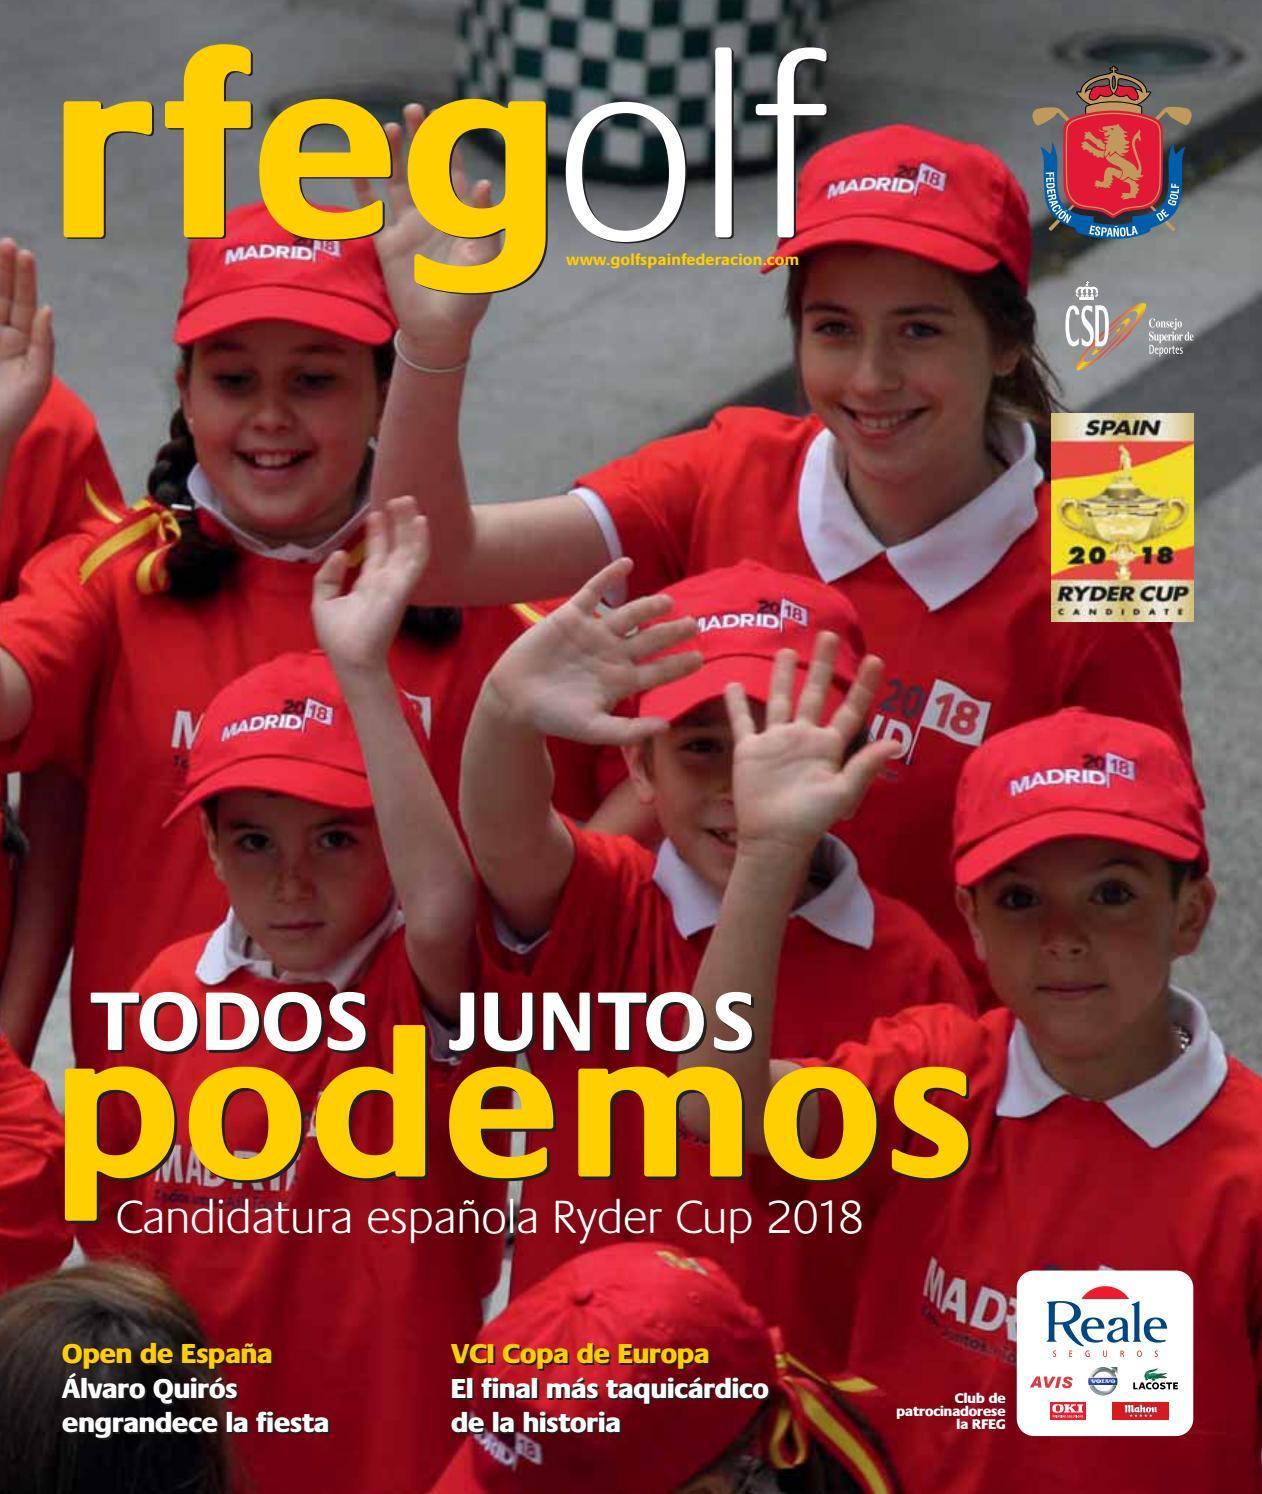 2010-JULIO-REFGOLF by Federación Aragonesa de golf - issuu 70ce0c7f0de